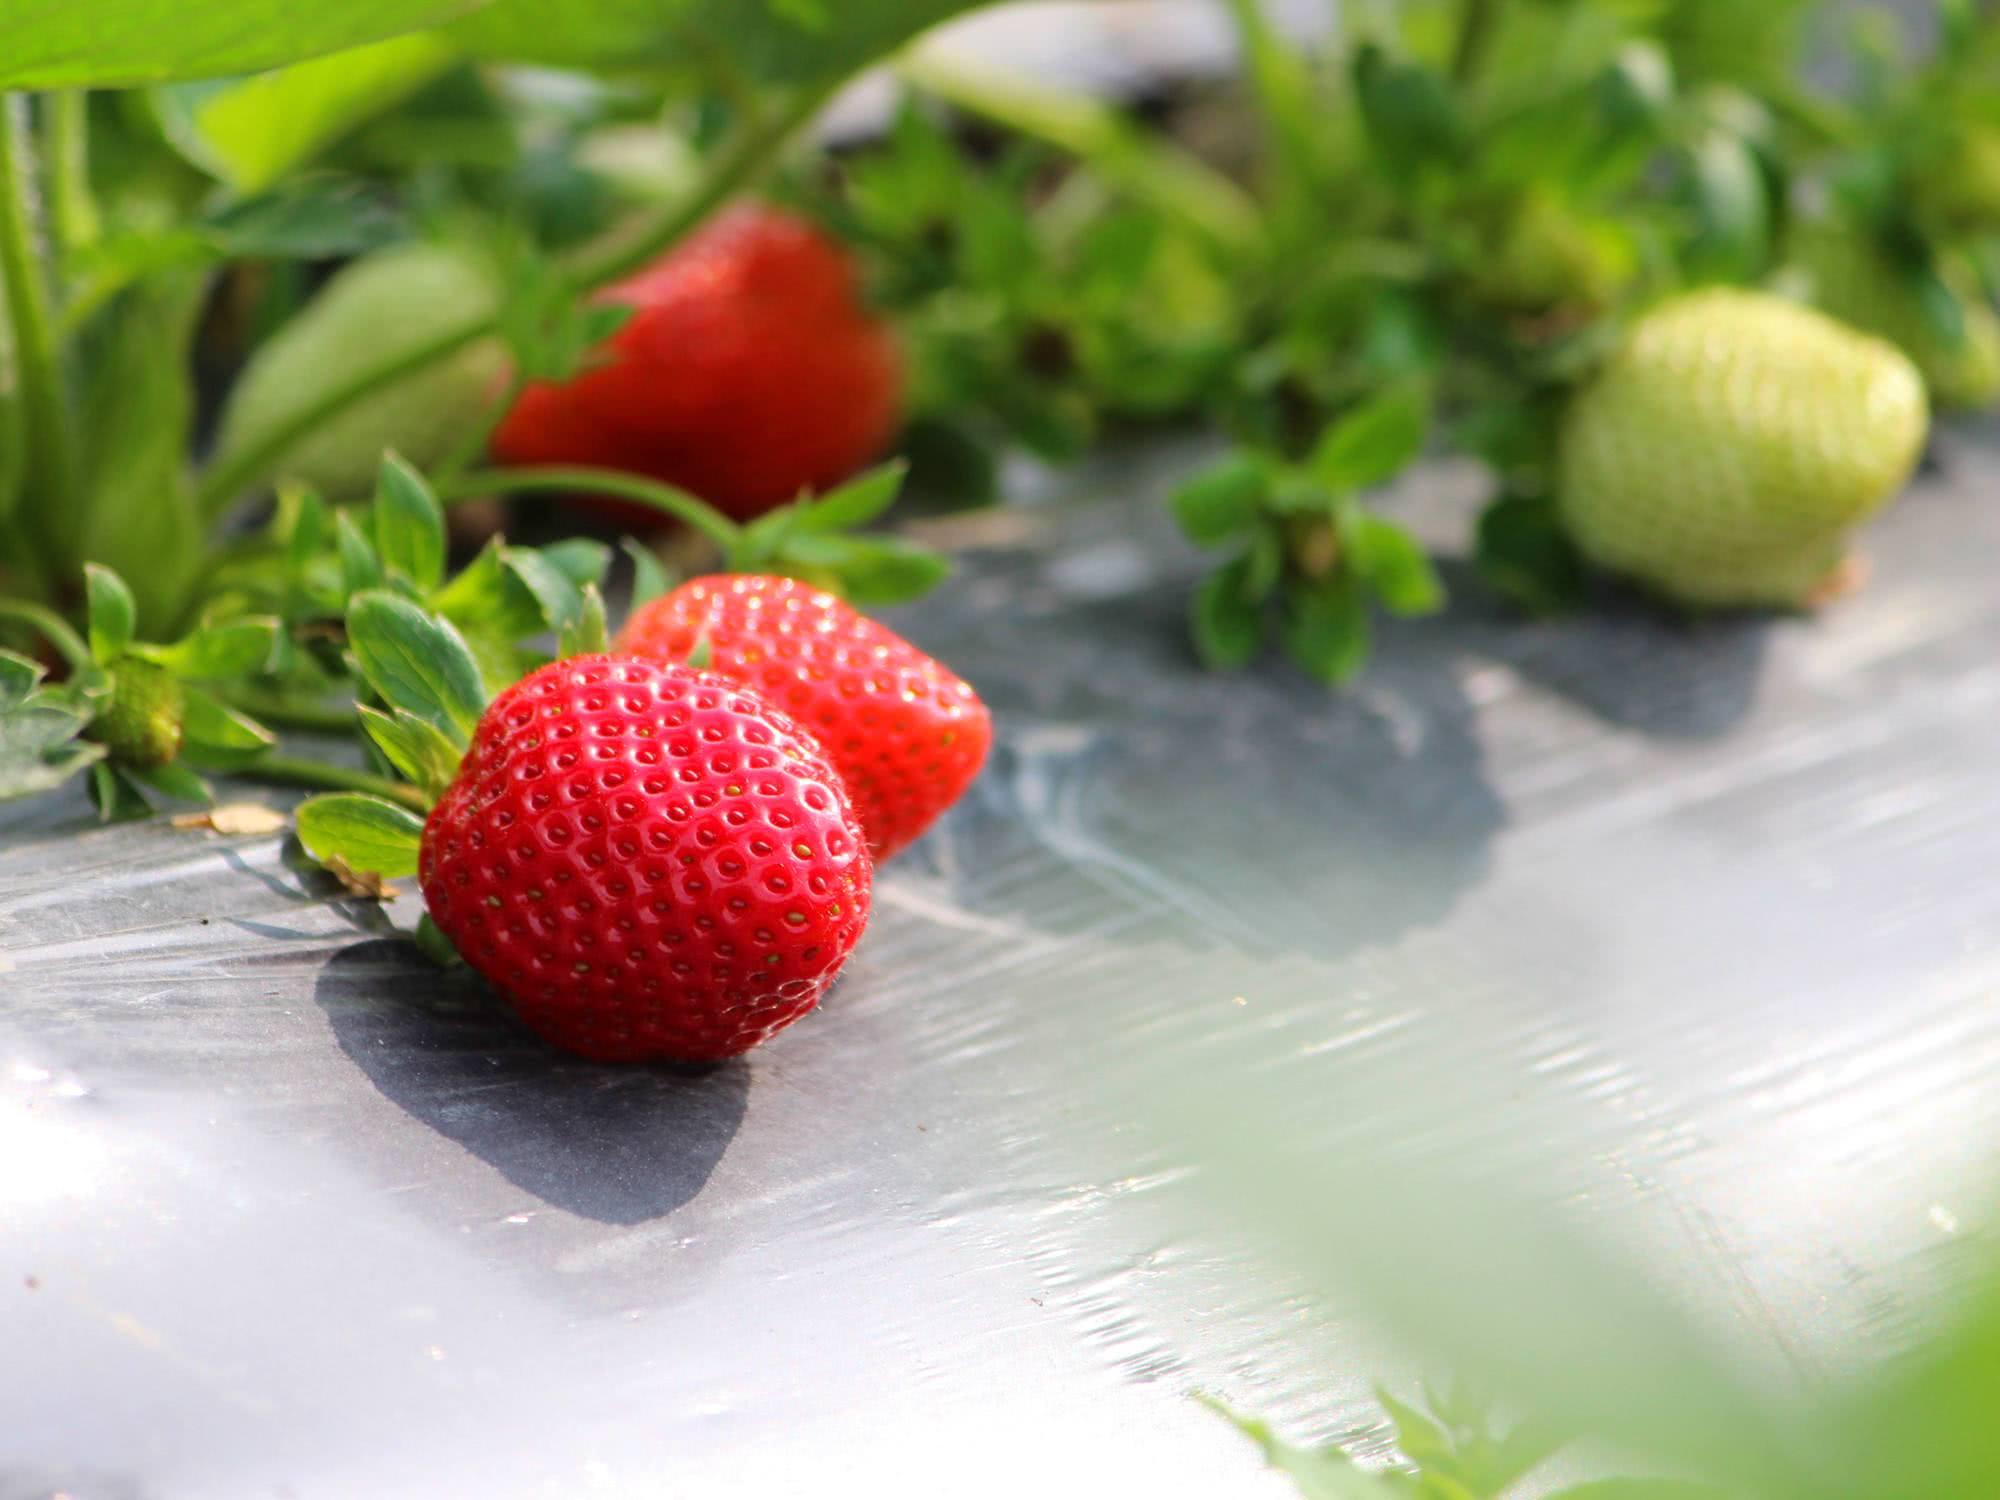 草莓上色不均匀怎么办?水溶肥有用吗?